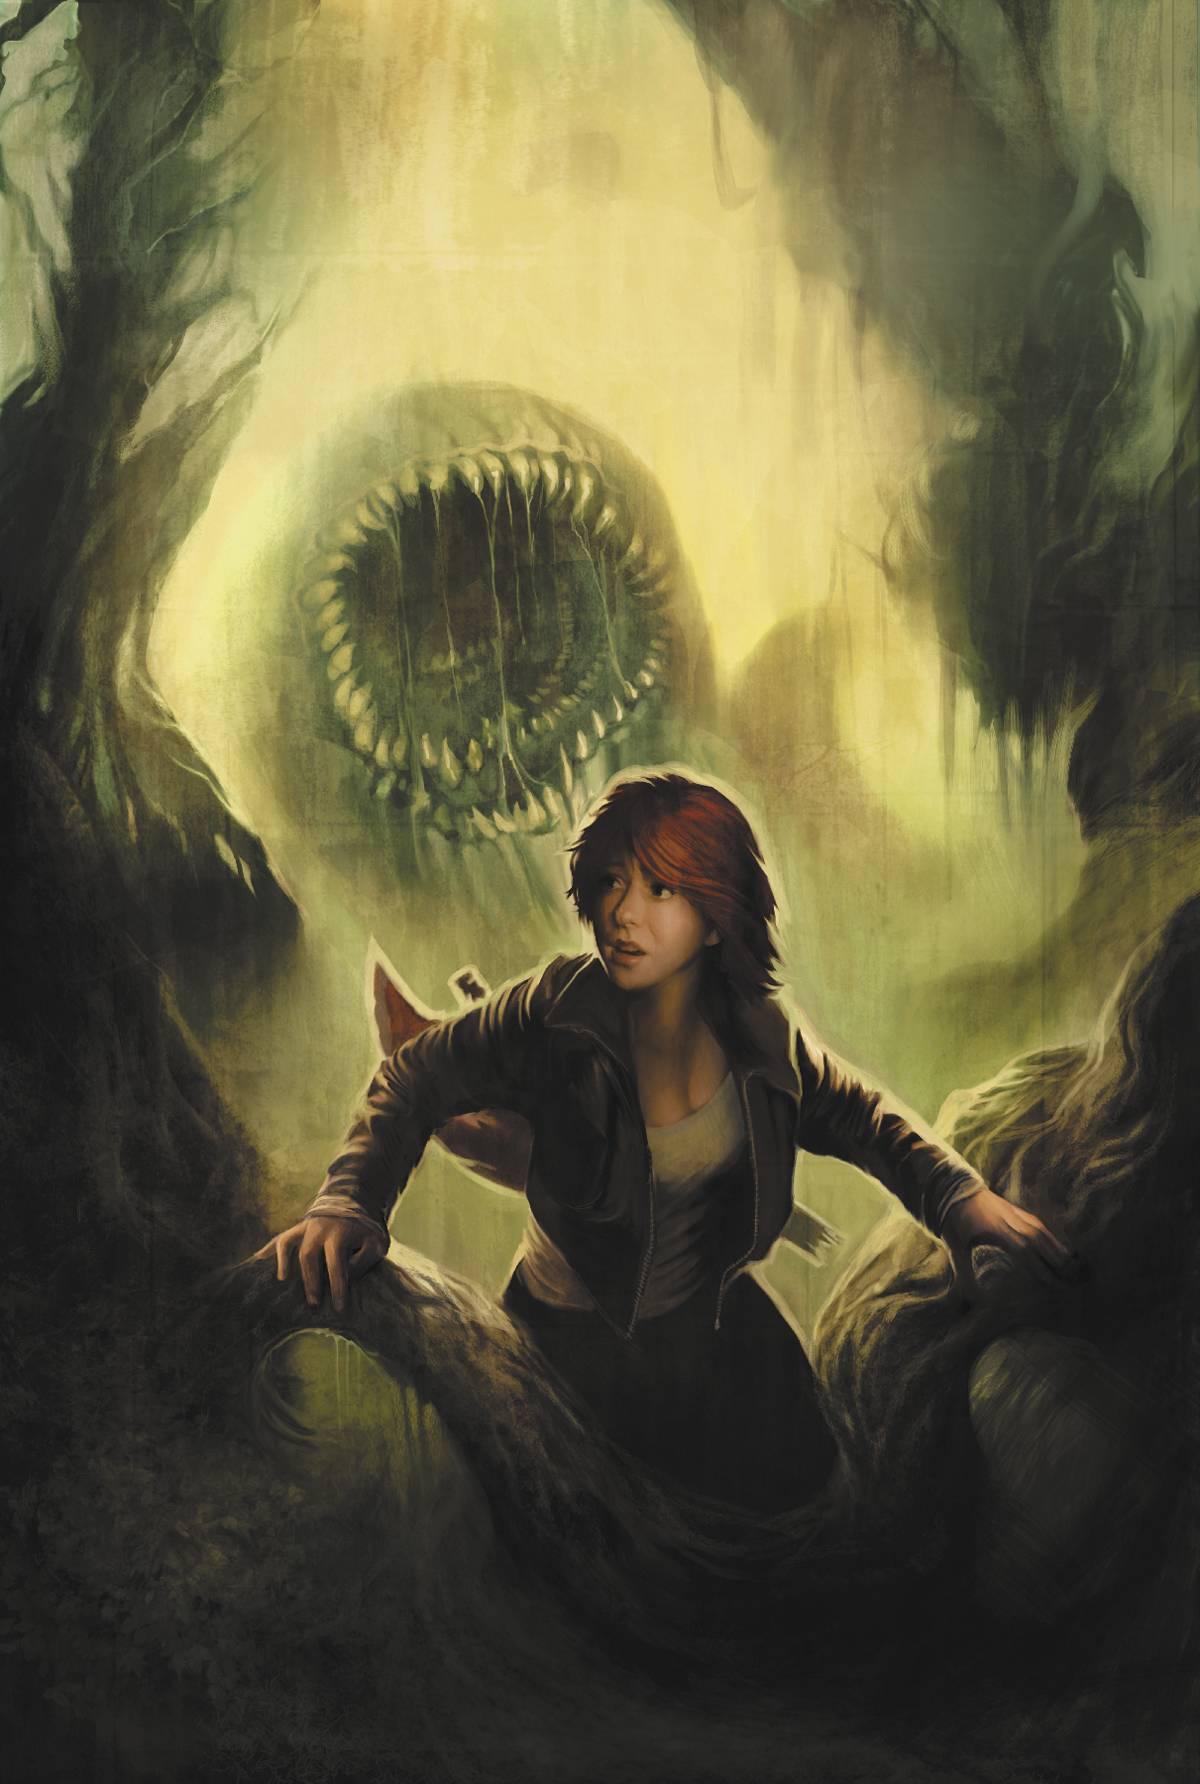 Buffy-the-Vampire-Slayer-Willow-Wonderland-1-Lara-cover